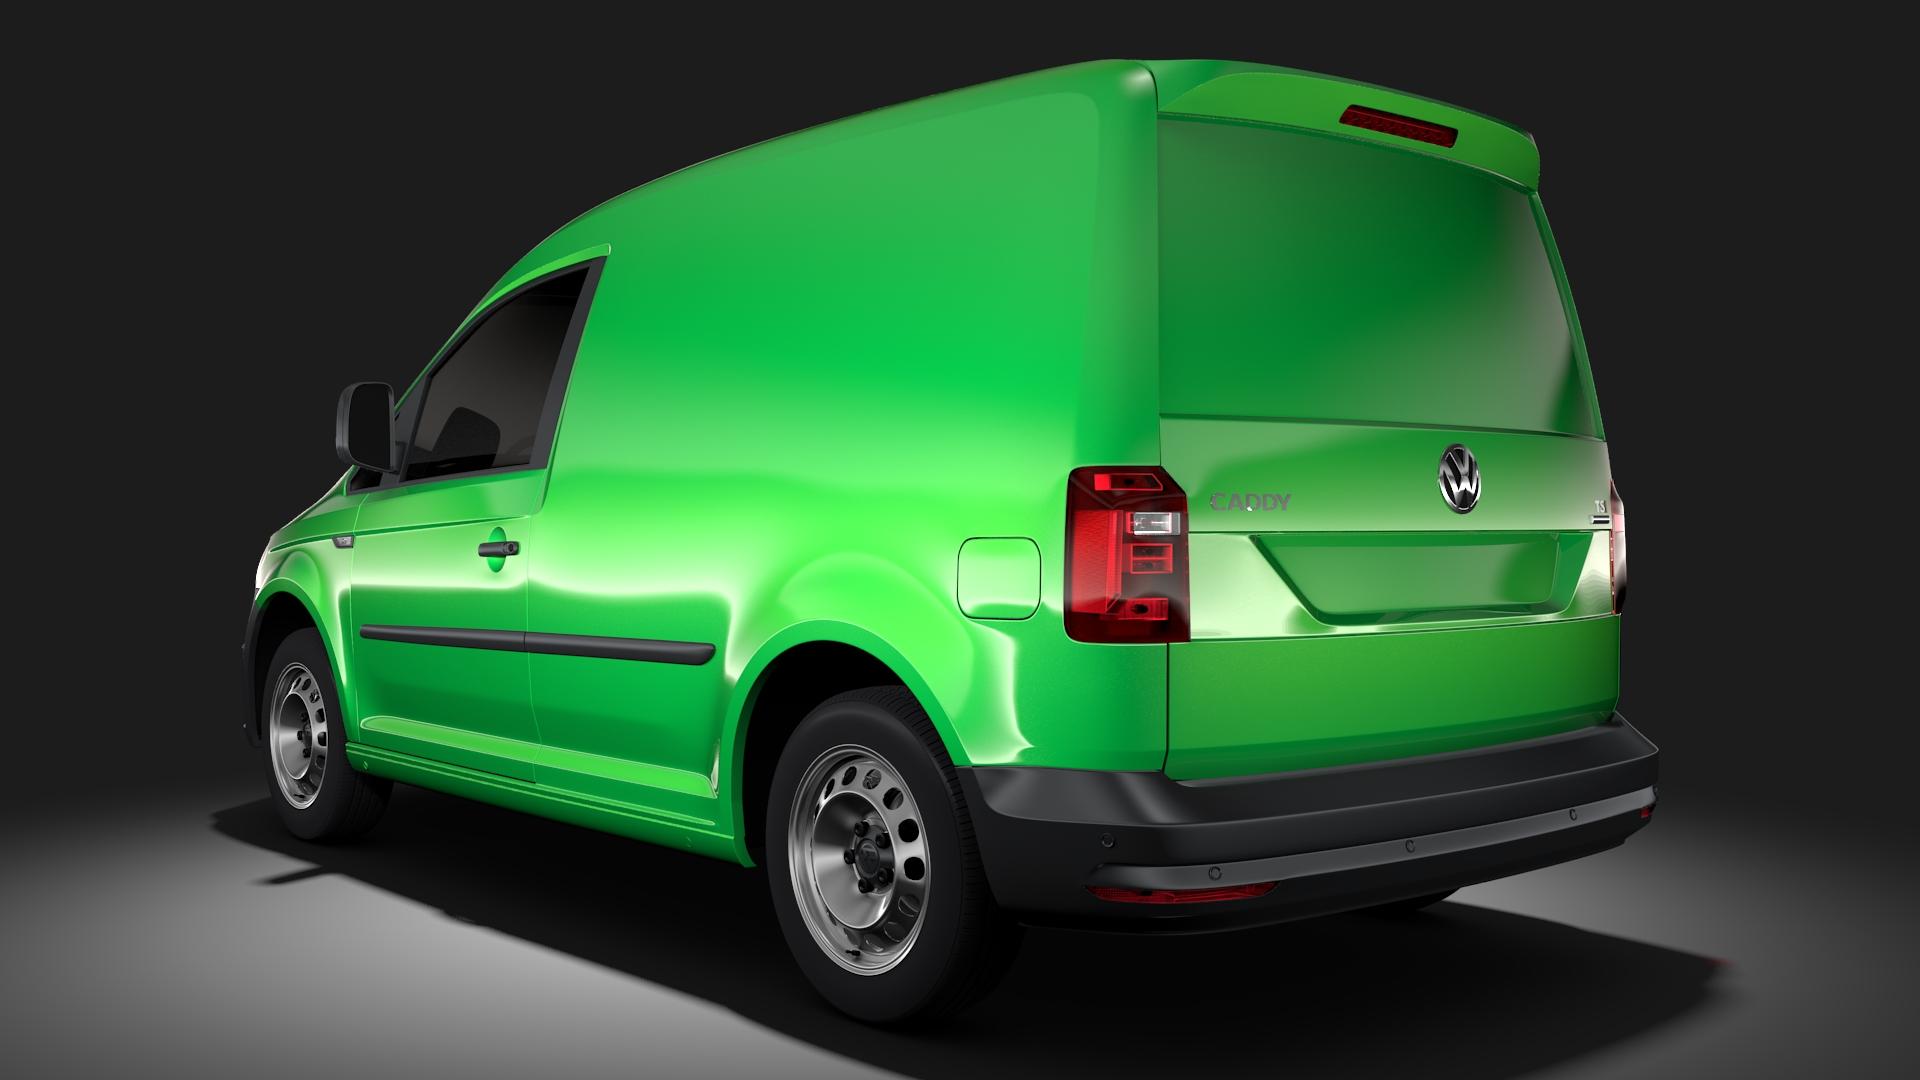 volkswagen caddy panel van l1 2017 3d model max fbx c4d lwo ma mb hrc xsi obj 274406